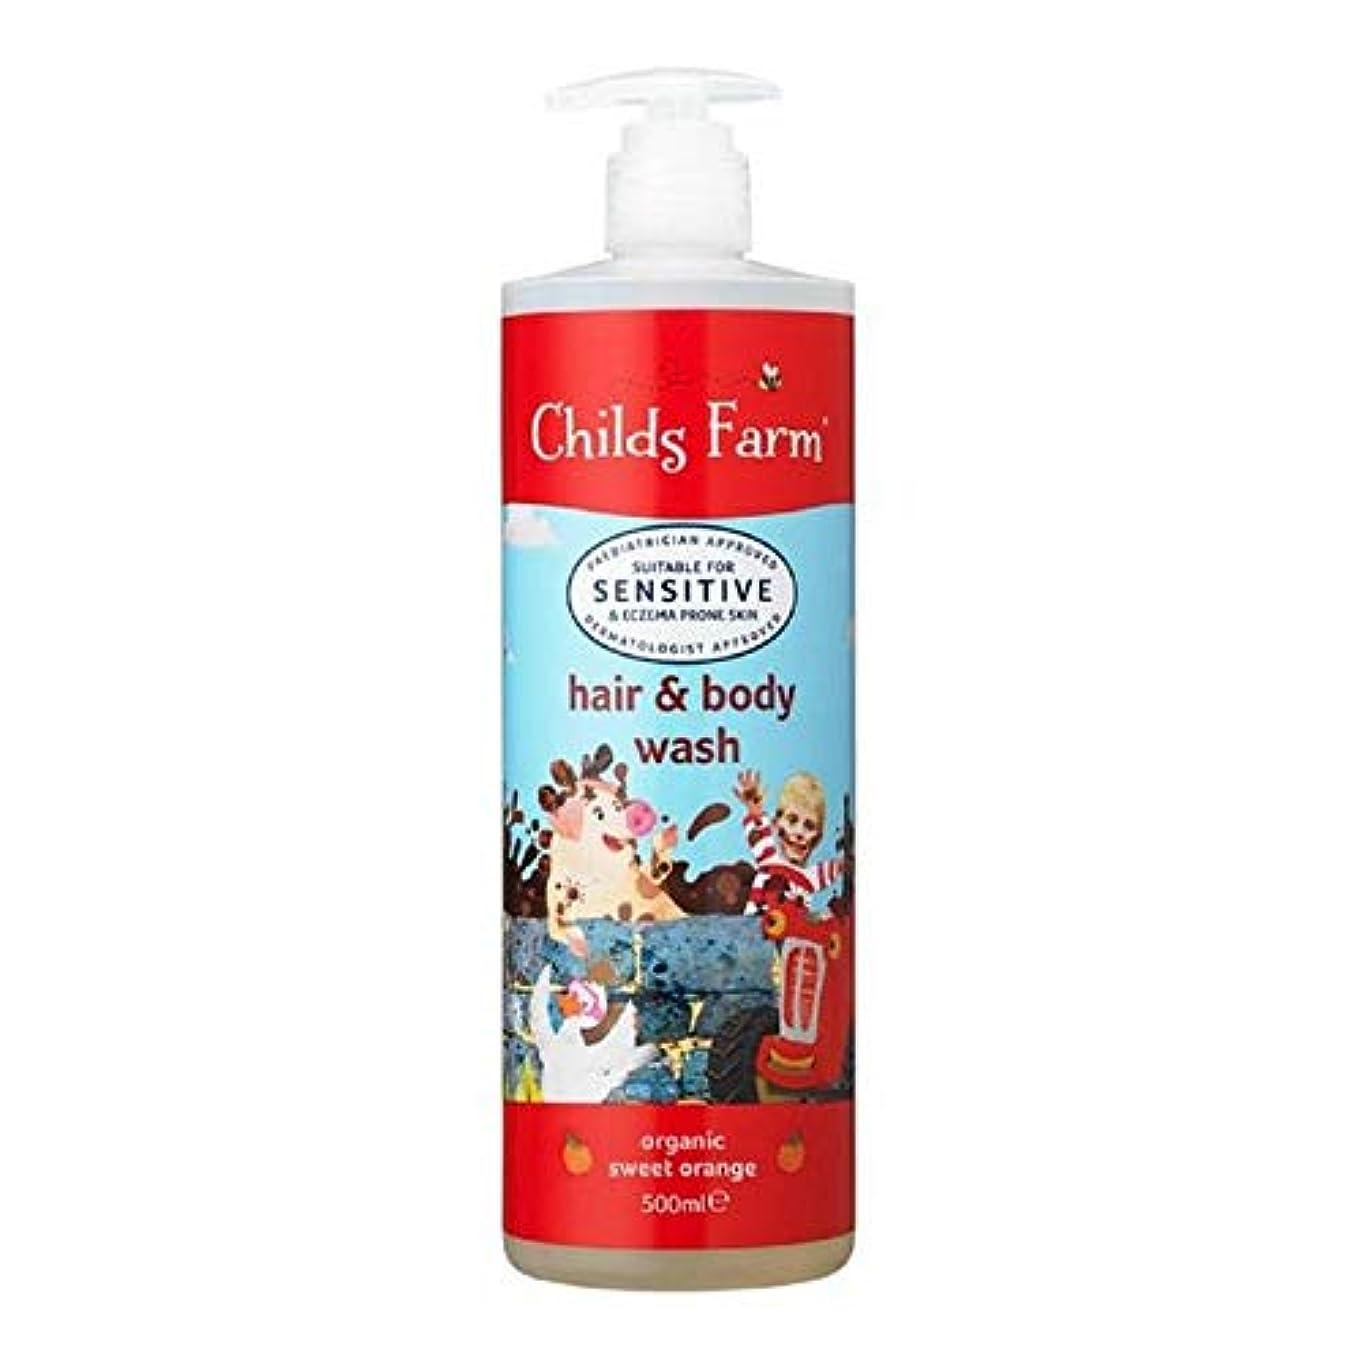 政治家の与える軍団[Childs Farm ] チャイルズファームヘア&ボディウォッシュ有機スイートオレンジ500ミリリットル - Childs Farm Hair & Body Wash Organic Sweet Orange 500ml [並行輸入品]